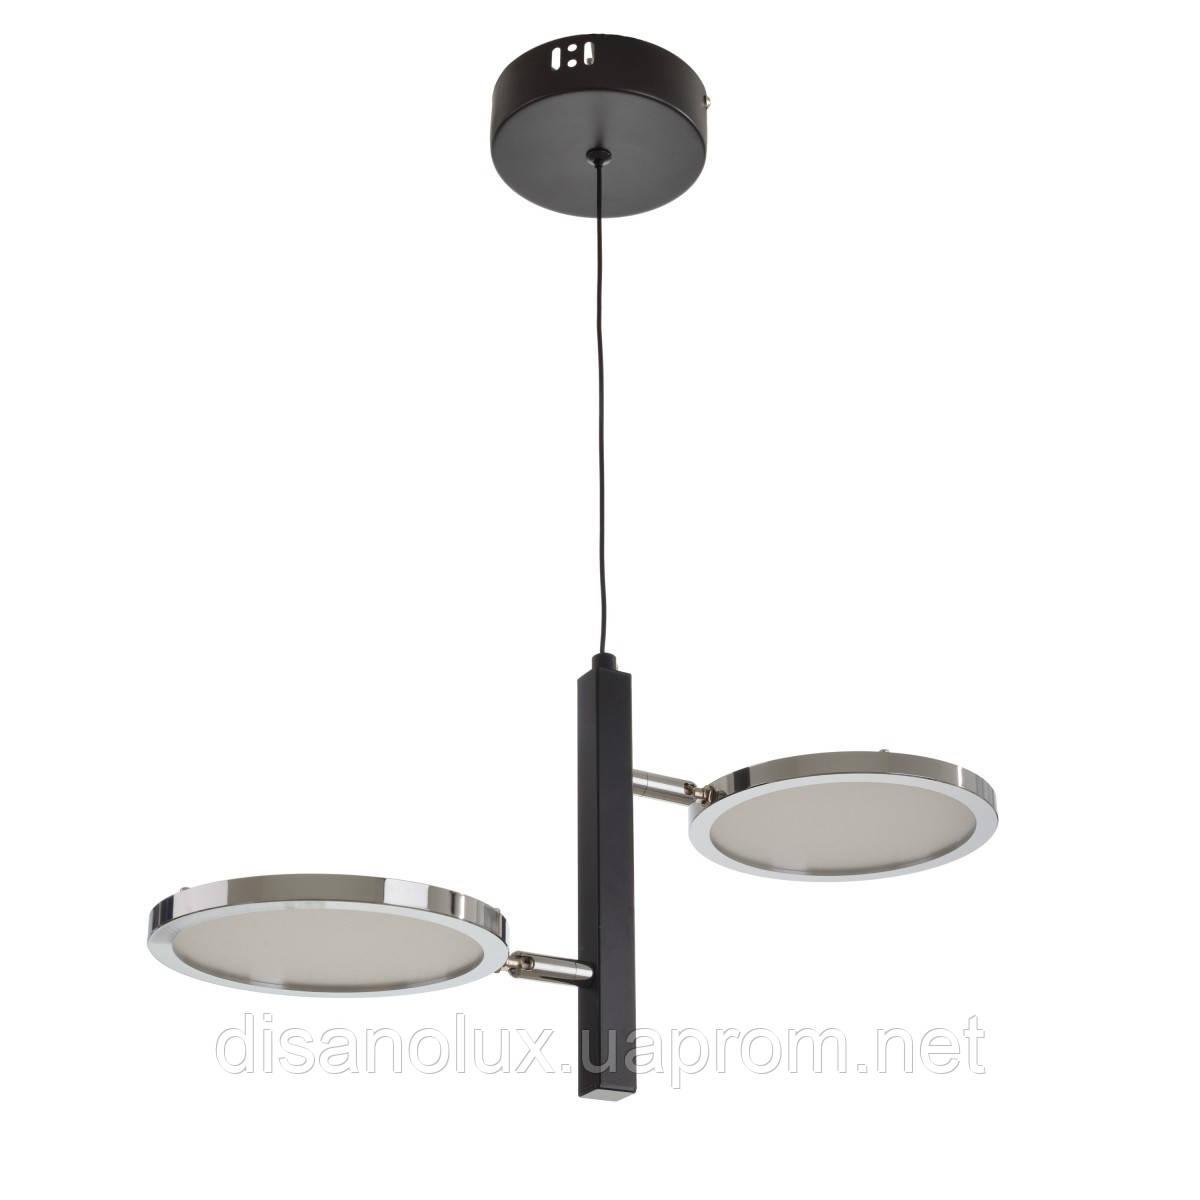 Люстра лофт подвесная светодиодная BL-881S/22W NW CH